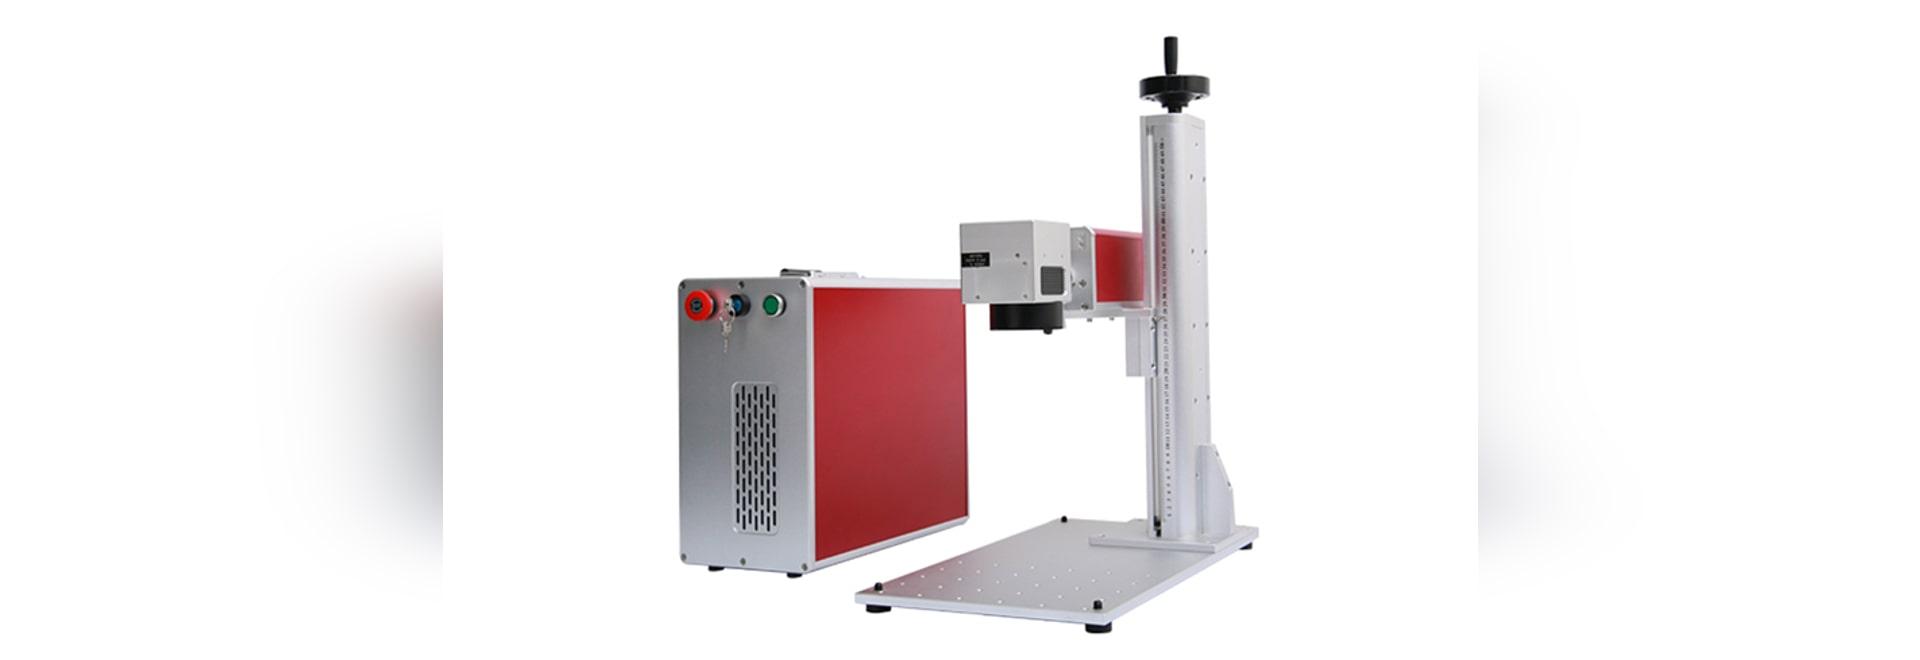 Ordenador que controla 2 máquinas de marcado del laser de la fibra al mismo tiempo